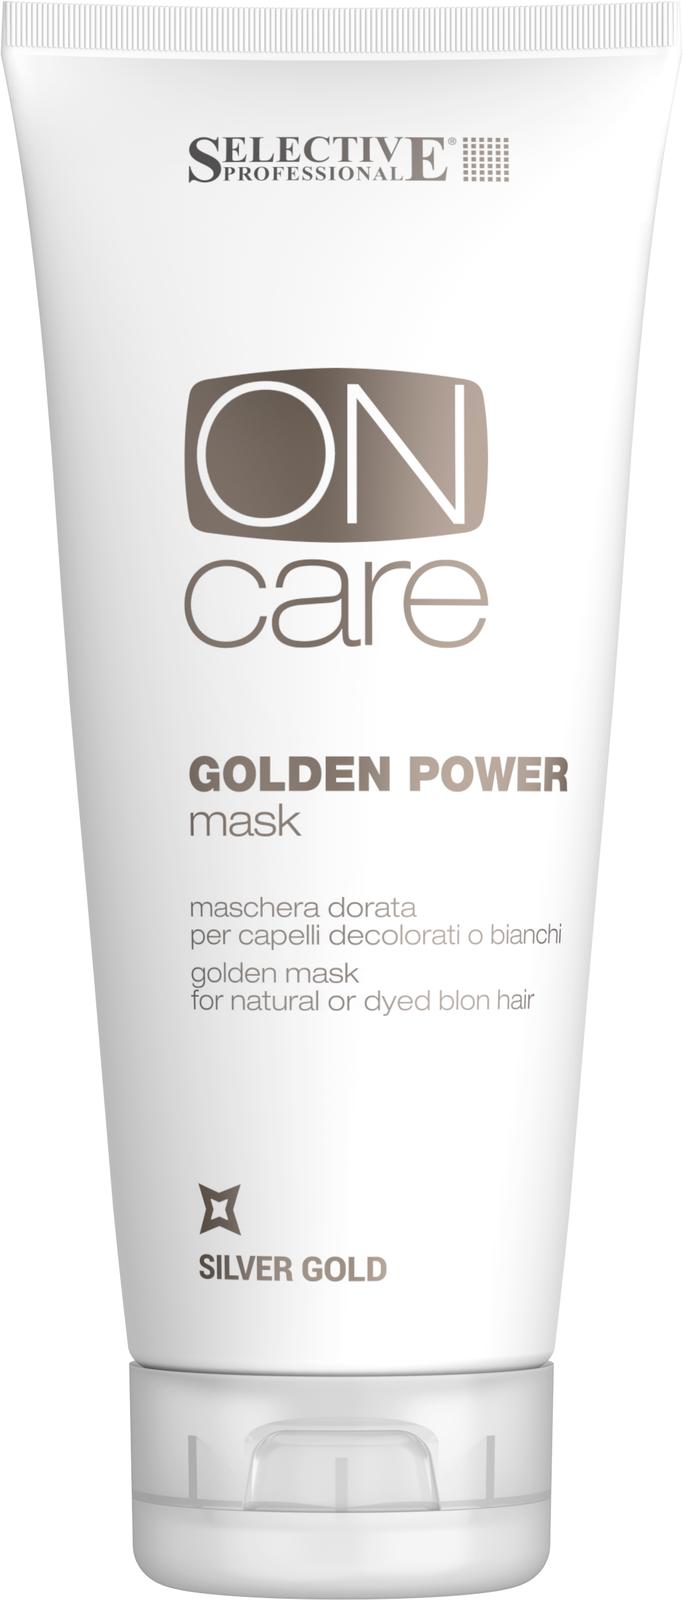 SELECTIVE PROFESSIONAL Маска золотистая для натуральных или окрашенных волос теплых светлых тон / On Care Color Care 200 млМаски<br>Содержит тонирующий пигмент, который оживляет и укрепляет блеск светлых волос, подчеркивая теплые золотистые оттенки. Обеспечивает мягкое очищение, восстанавливает волосы, придает им мягкость и живой блеск, благодаря антиоксидантному и кондиционирующему действию экстракта куркумы и масла семян пенника лугового. Активные ингредиенты: содержит экстракт куркумы и масла семян пенника лугового.<br><br>Типы волос: Окрашенные